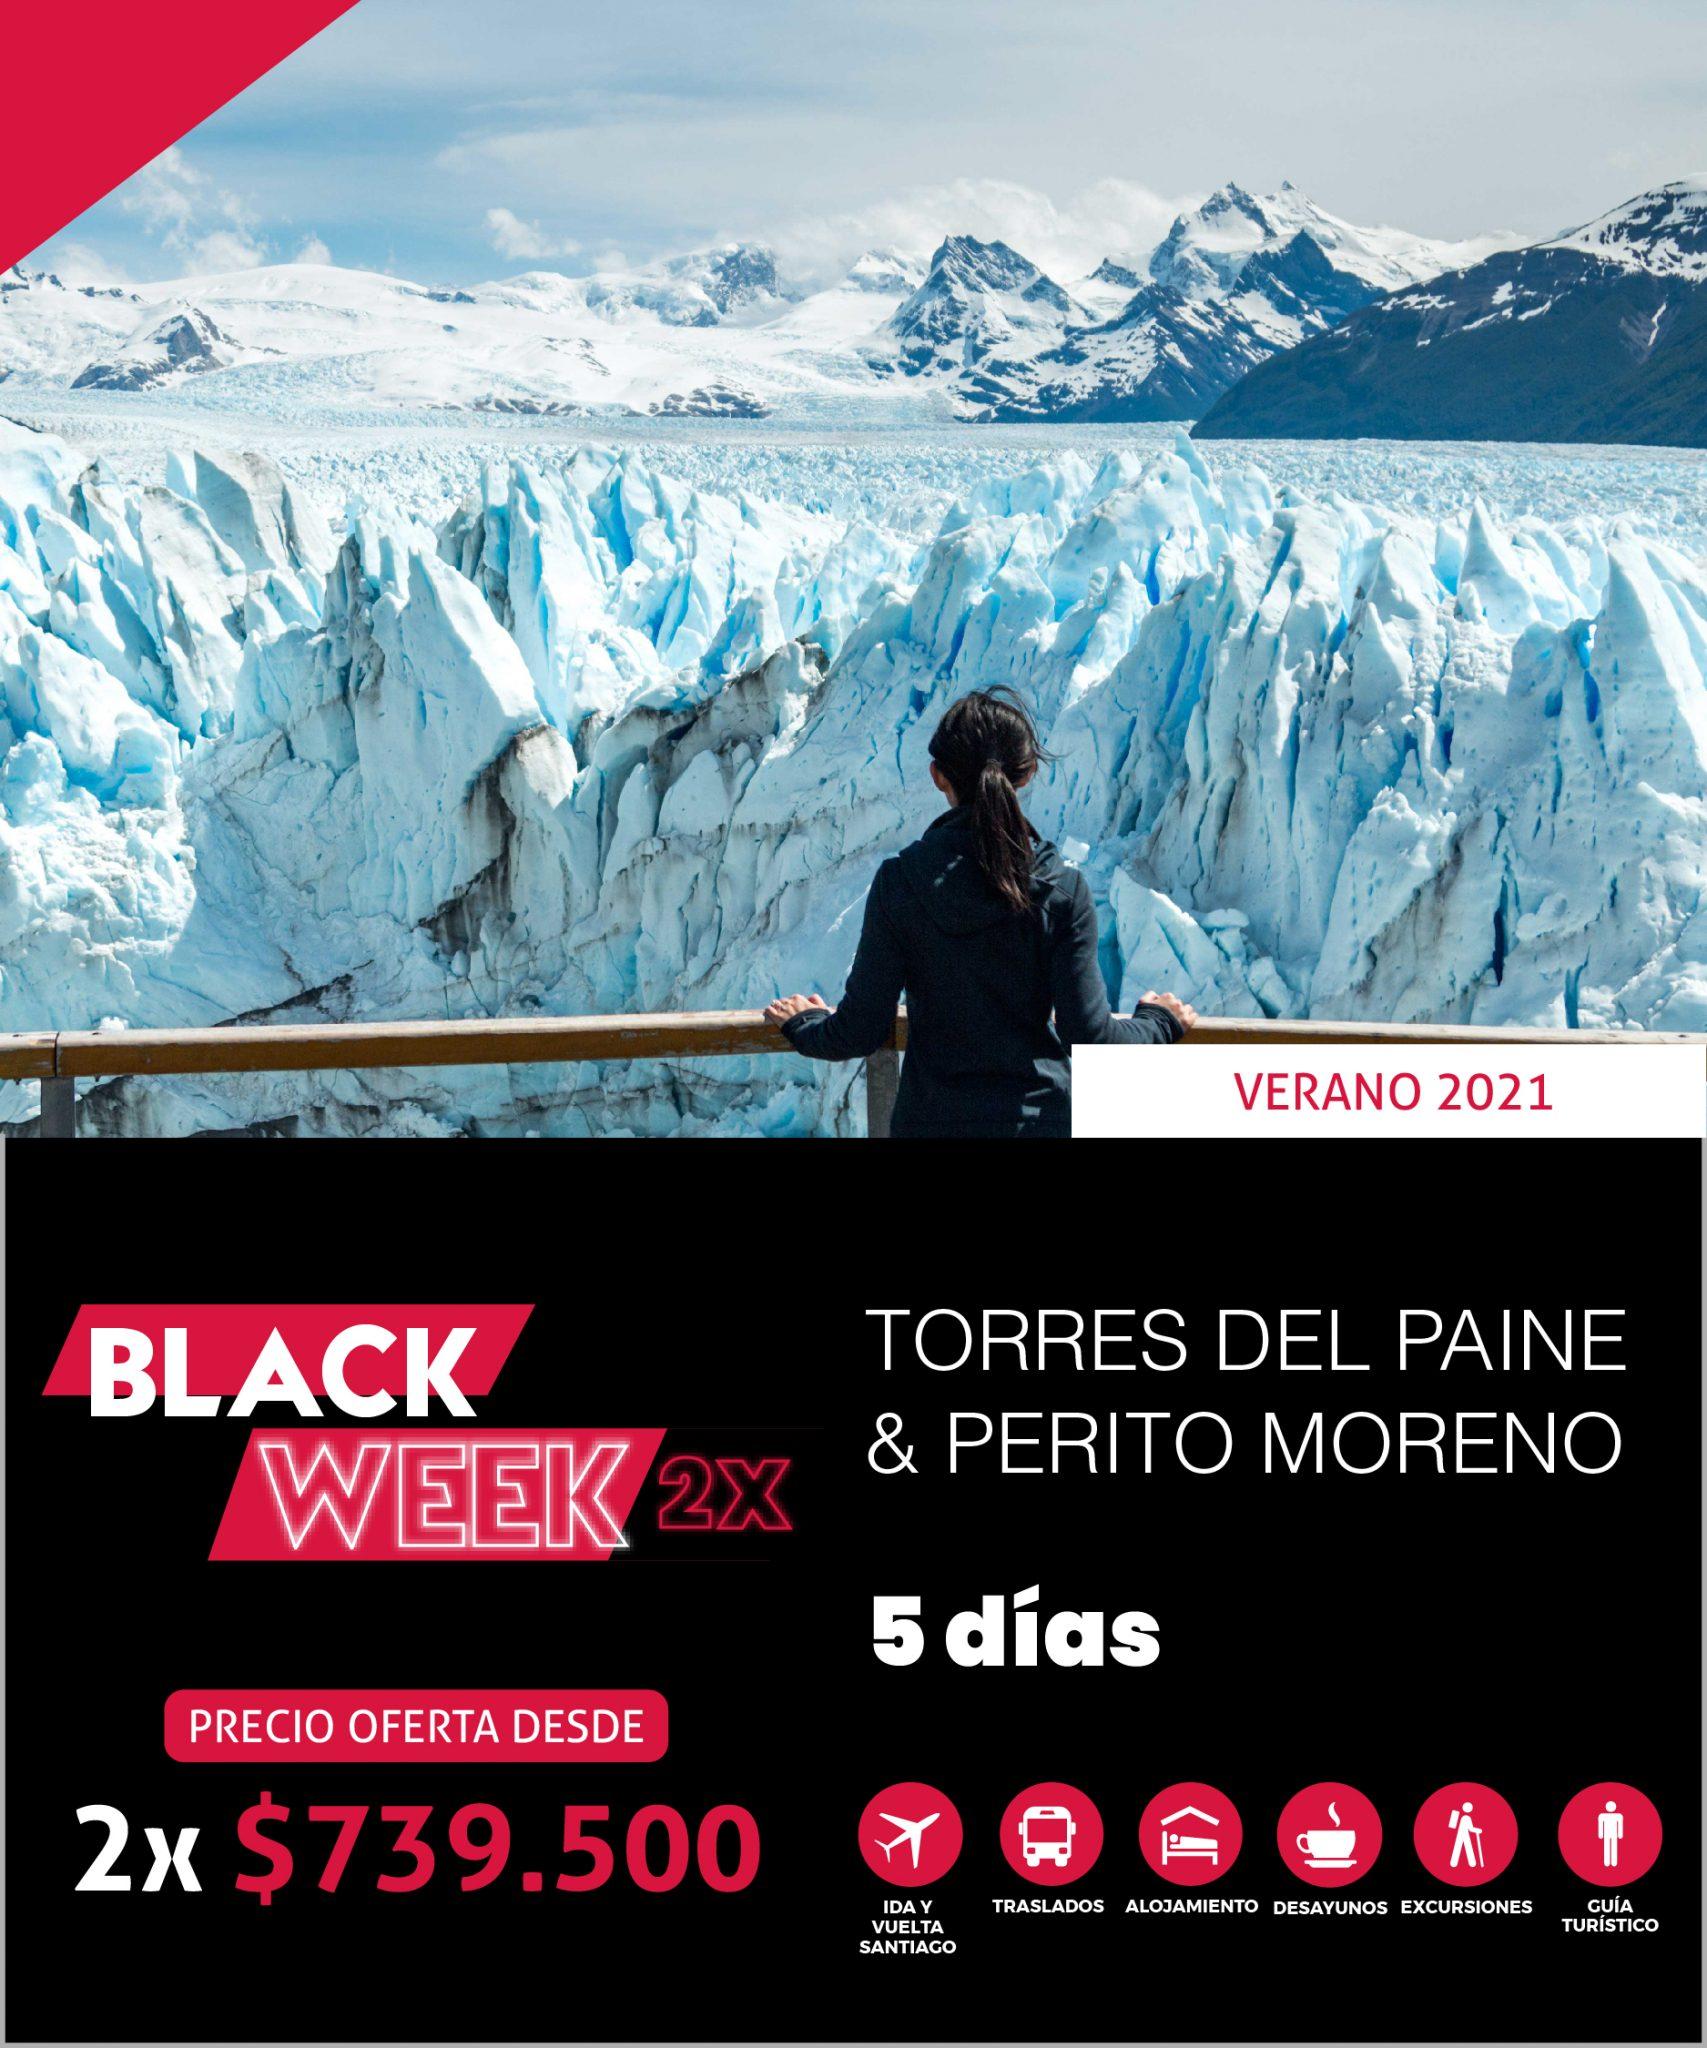 TORRES DEL PAINE & PERITO MORENO